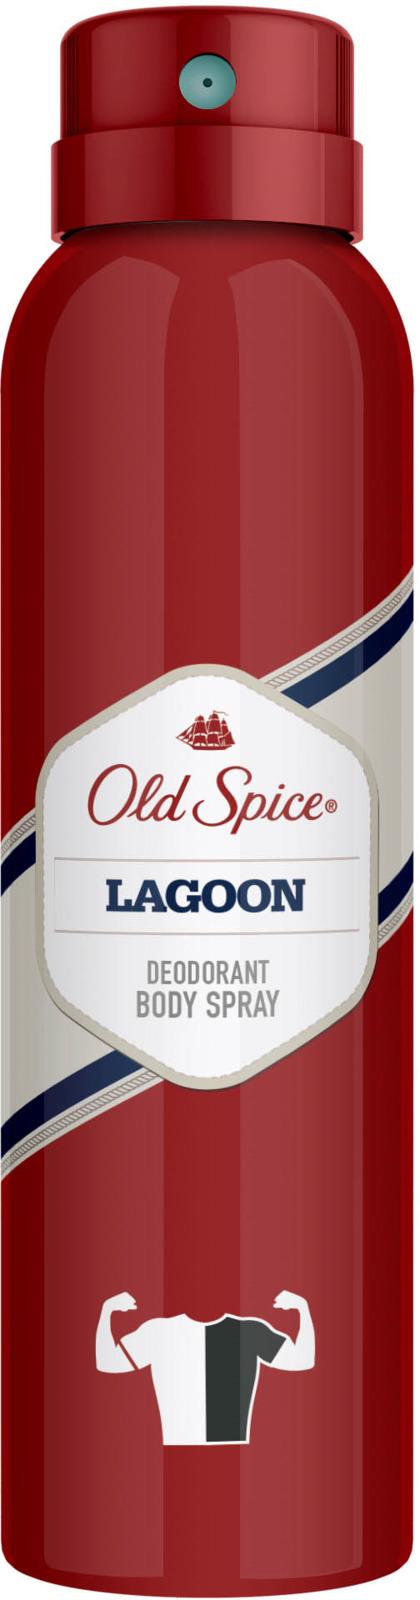 Дезодорант аэрозольный Old Spice Lagoon, 150мл